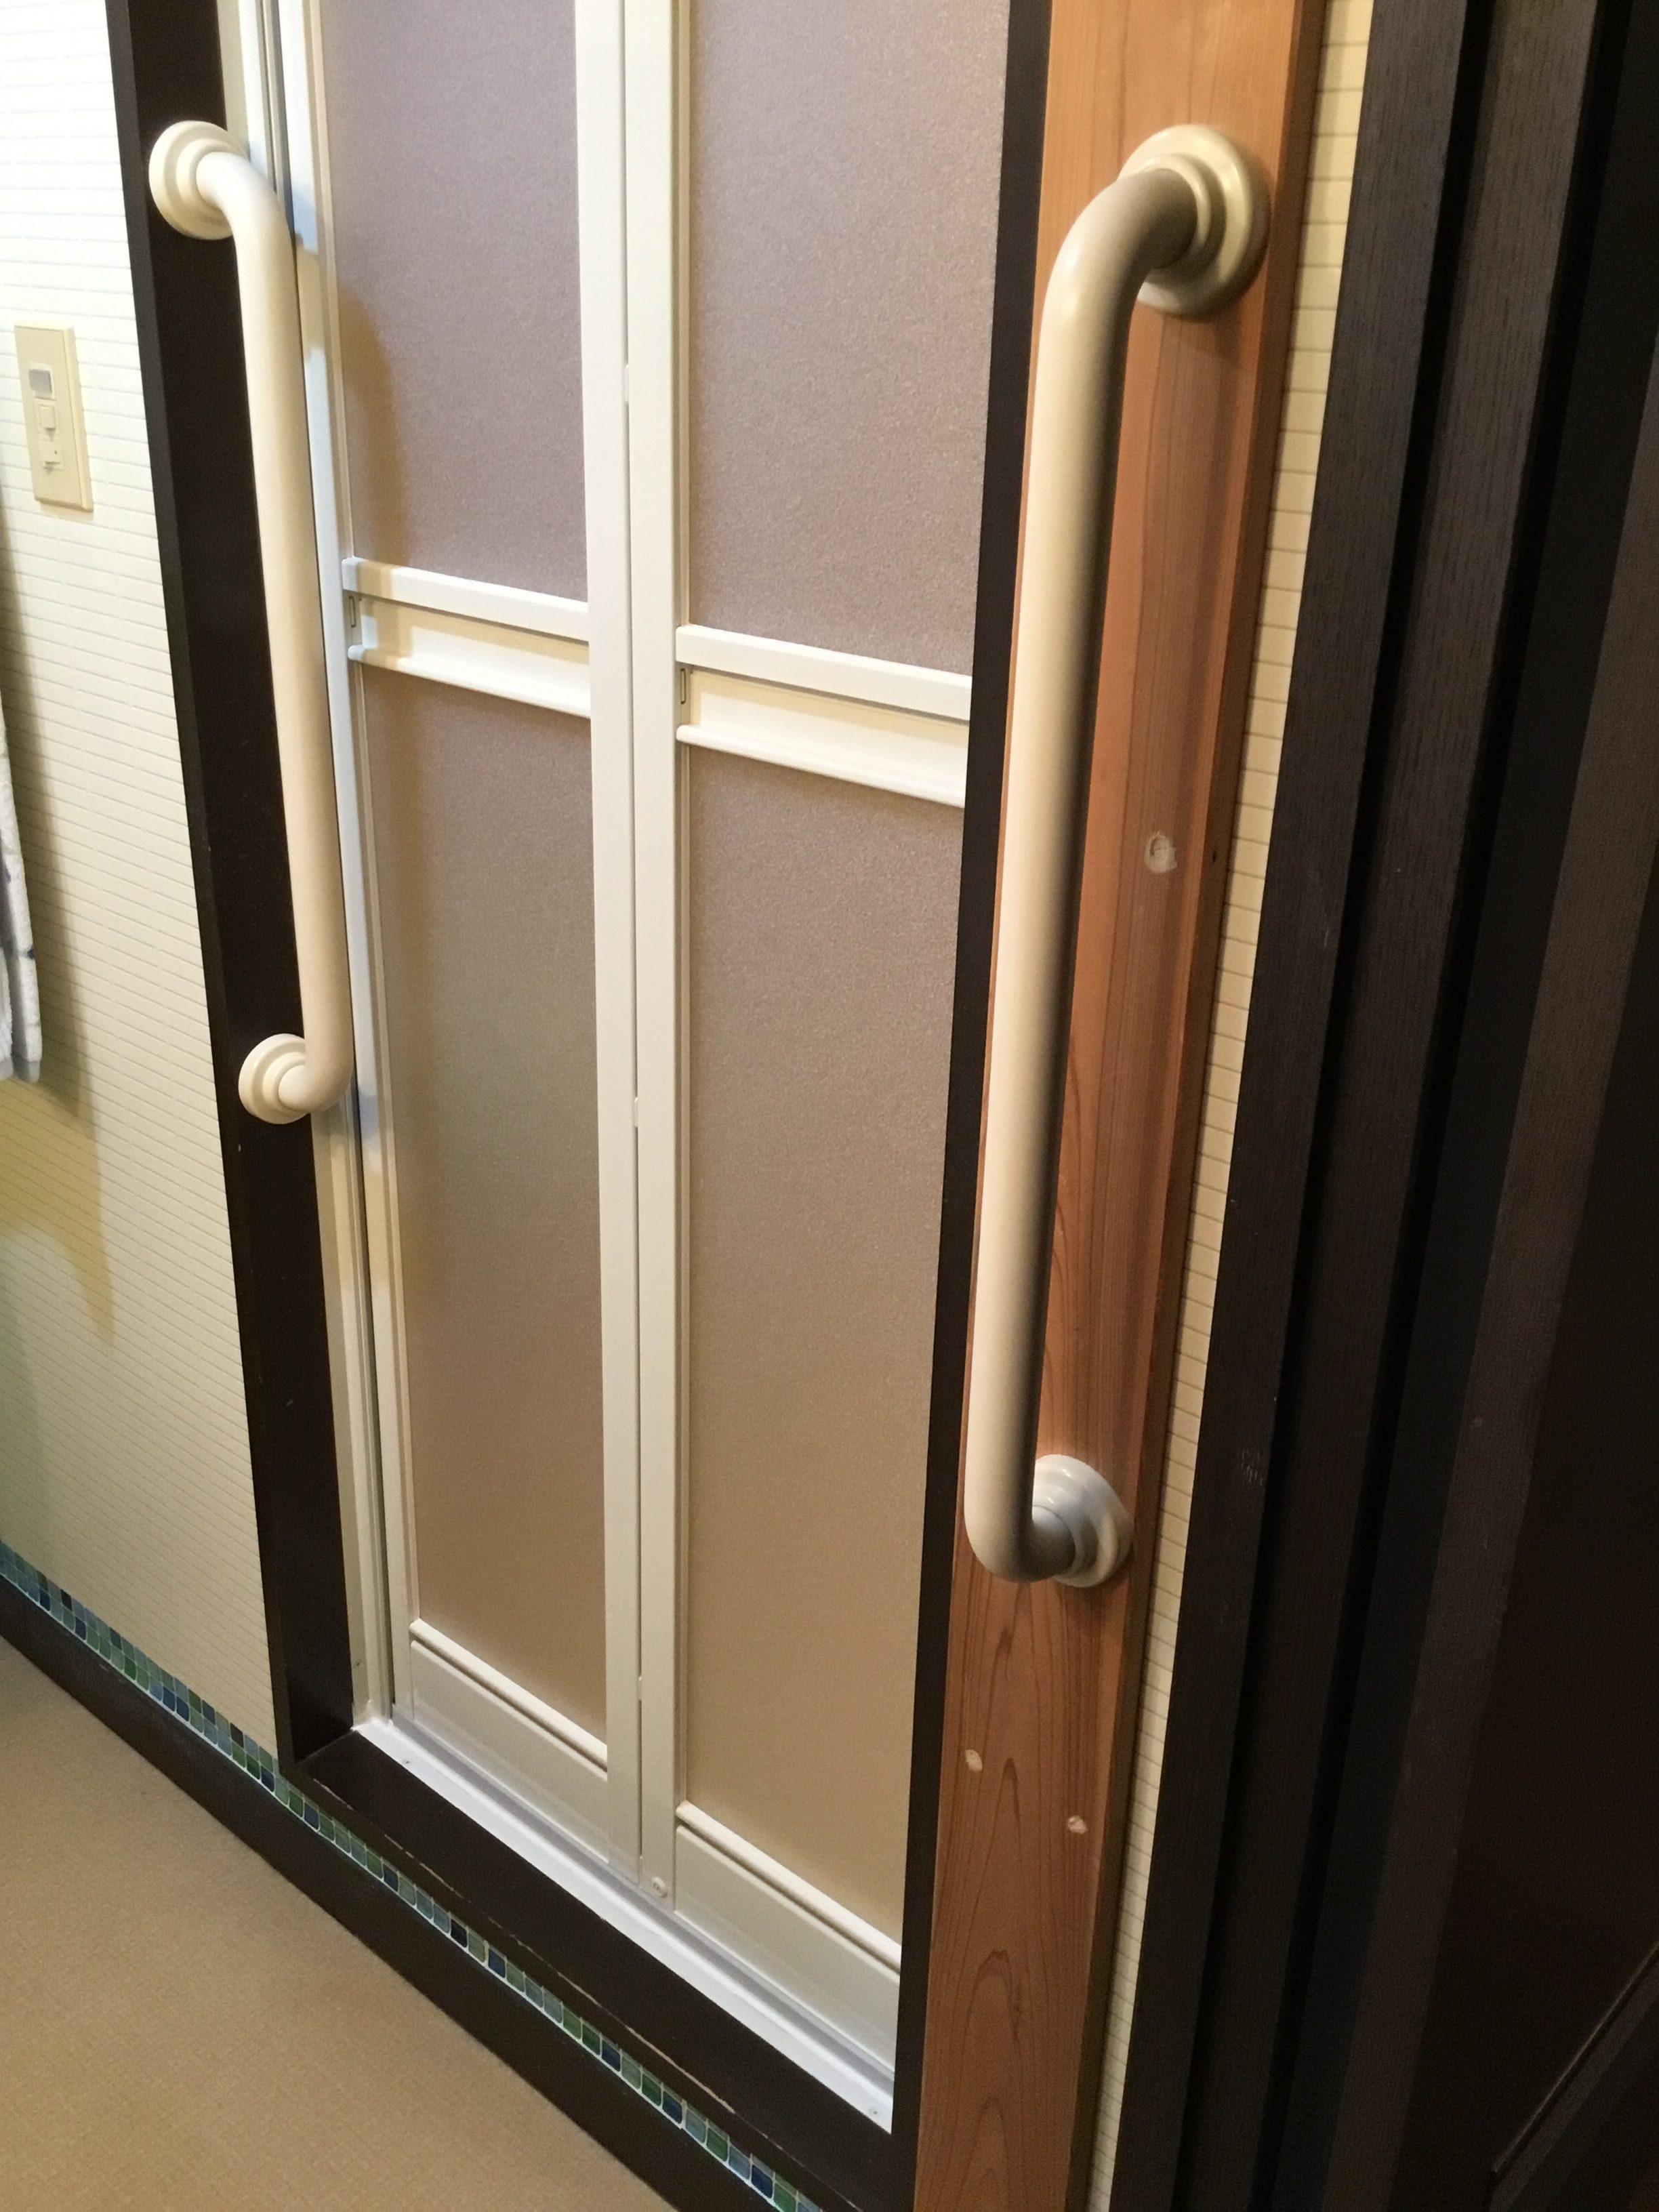 福岡トーヨー 大牟田店の浴室中折れドア取替えの施工事例写真